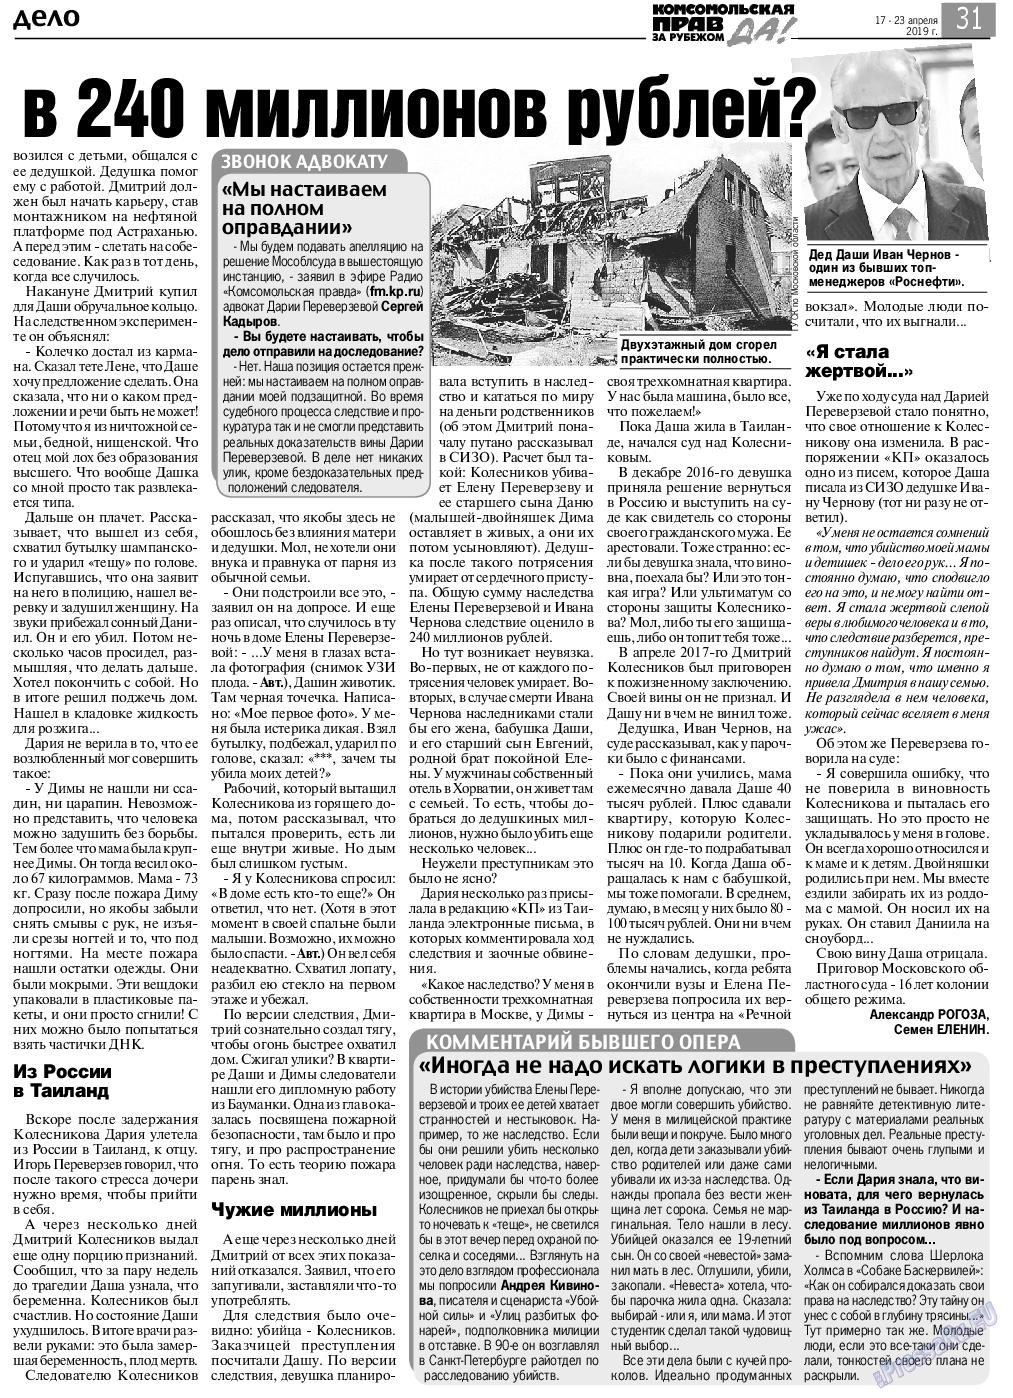 КП в Европе (газета). 2019 год, номер 16, стр. 31